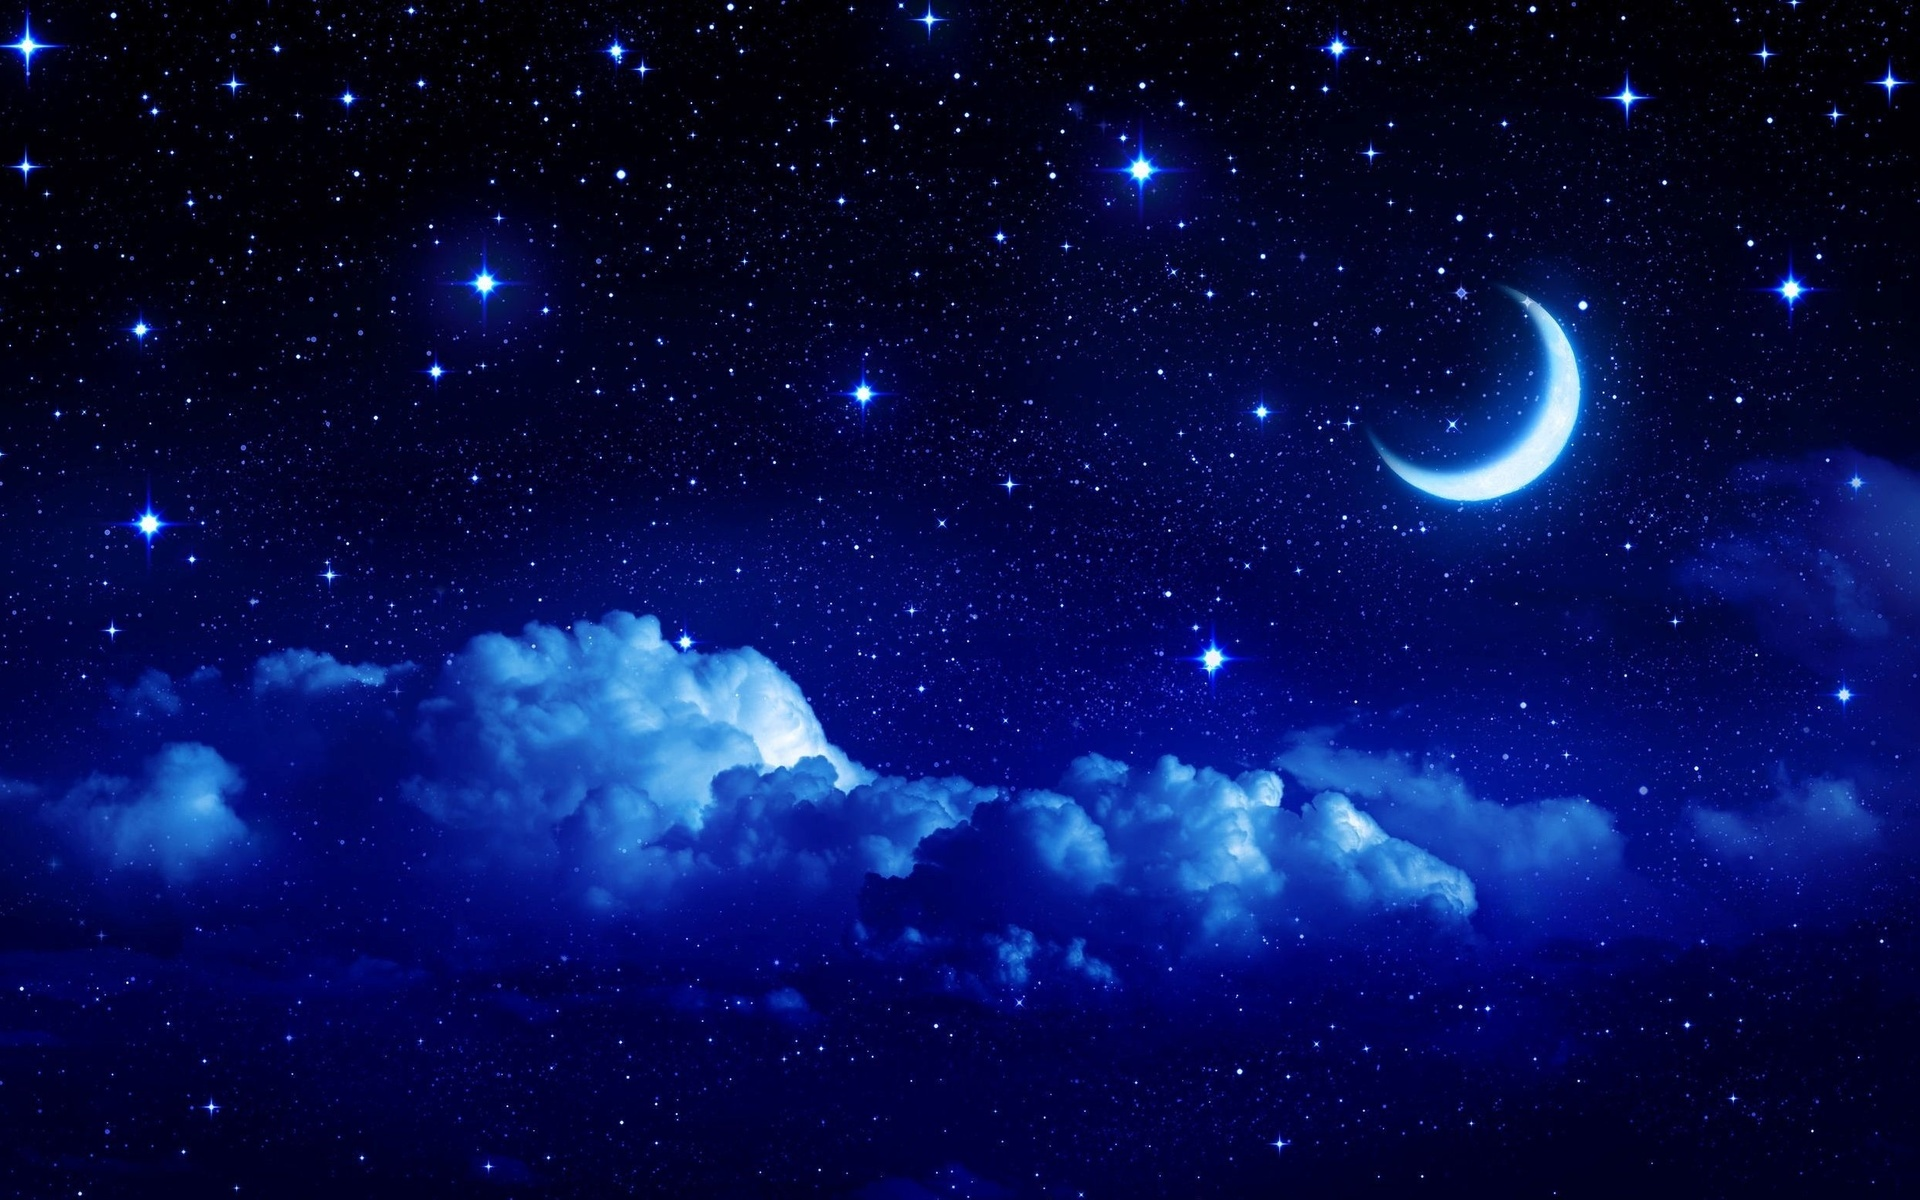 число красивые открытки звездного неба женских